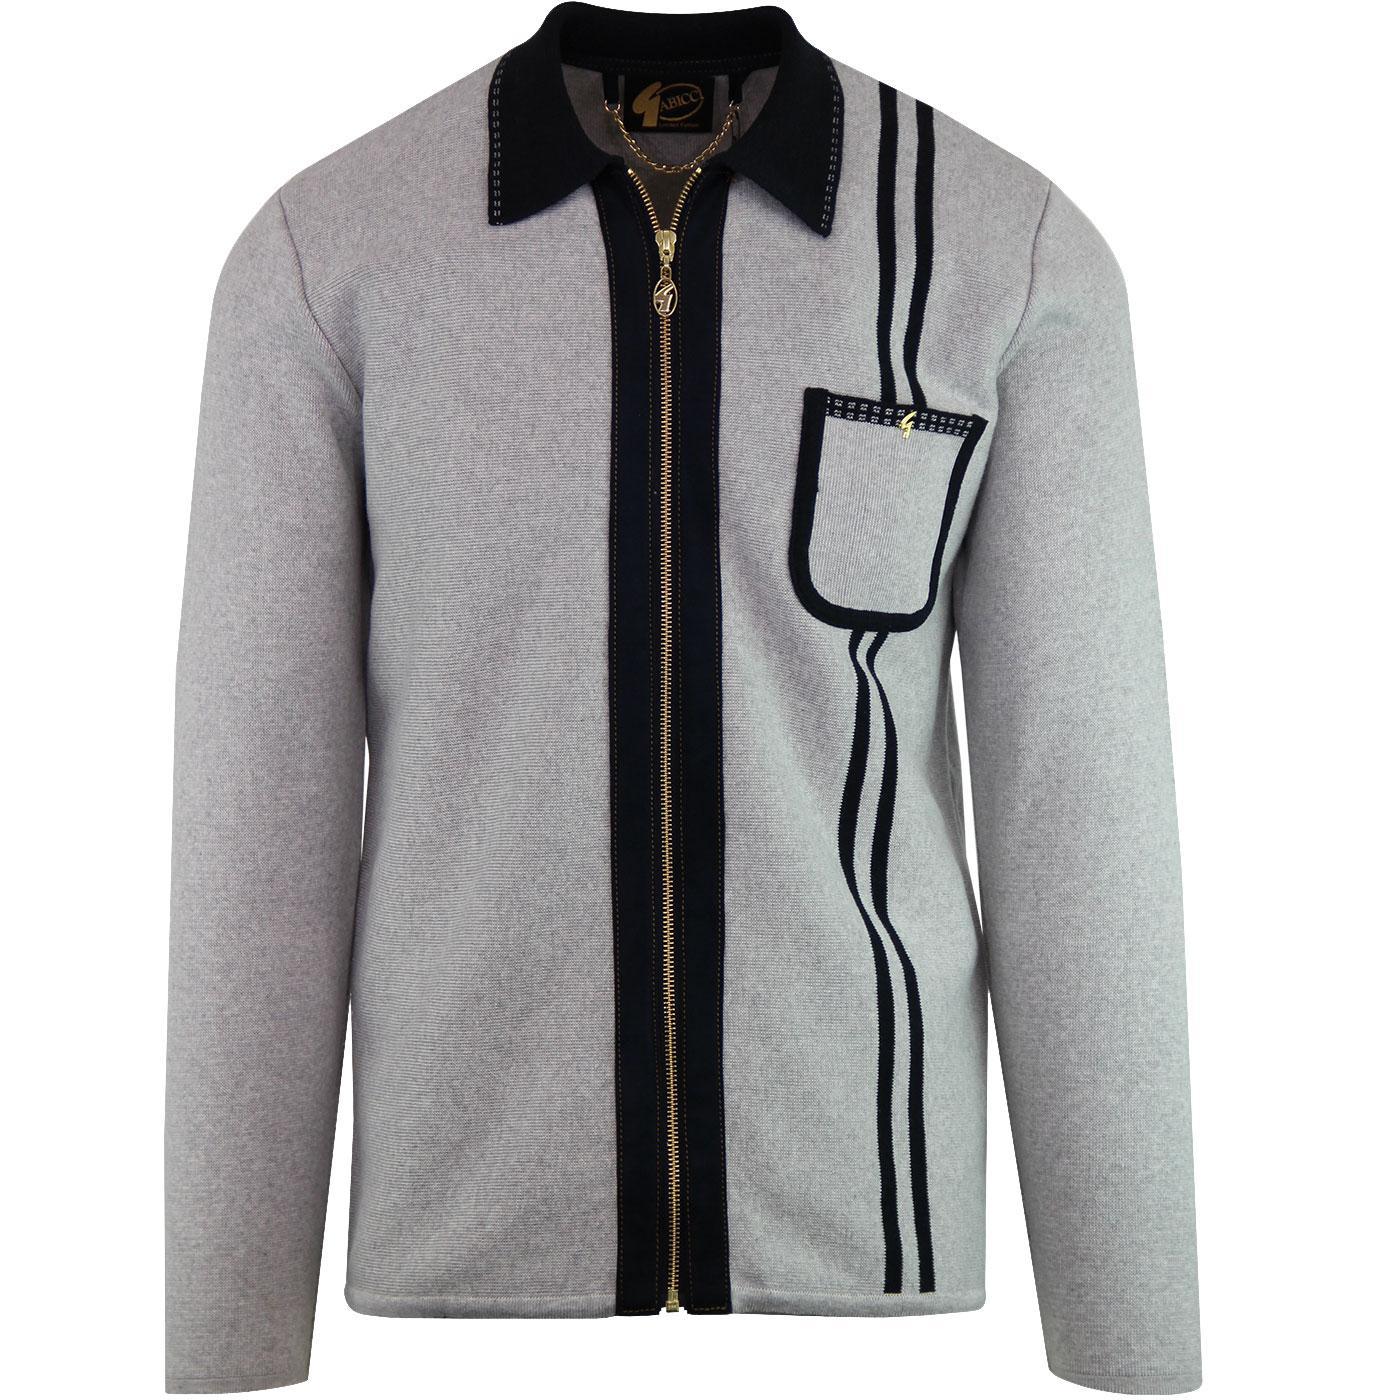 Pier GABICCI VINTAGE Ltd Edition Knitted Cardigan